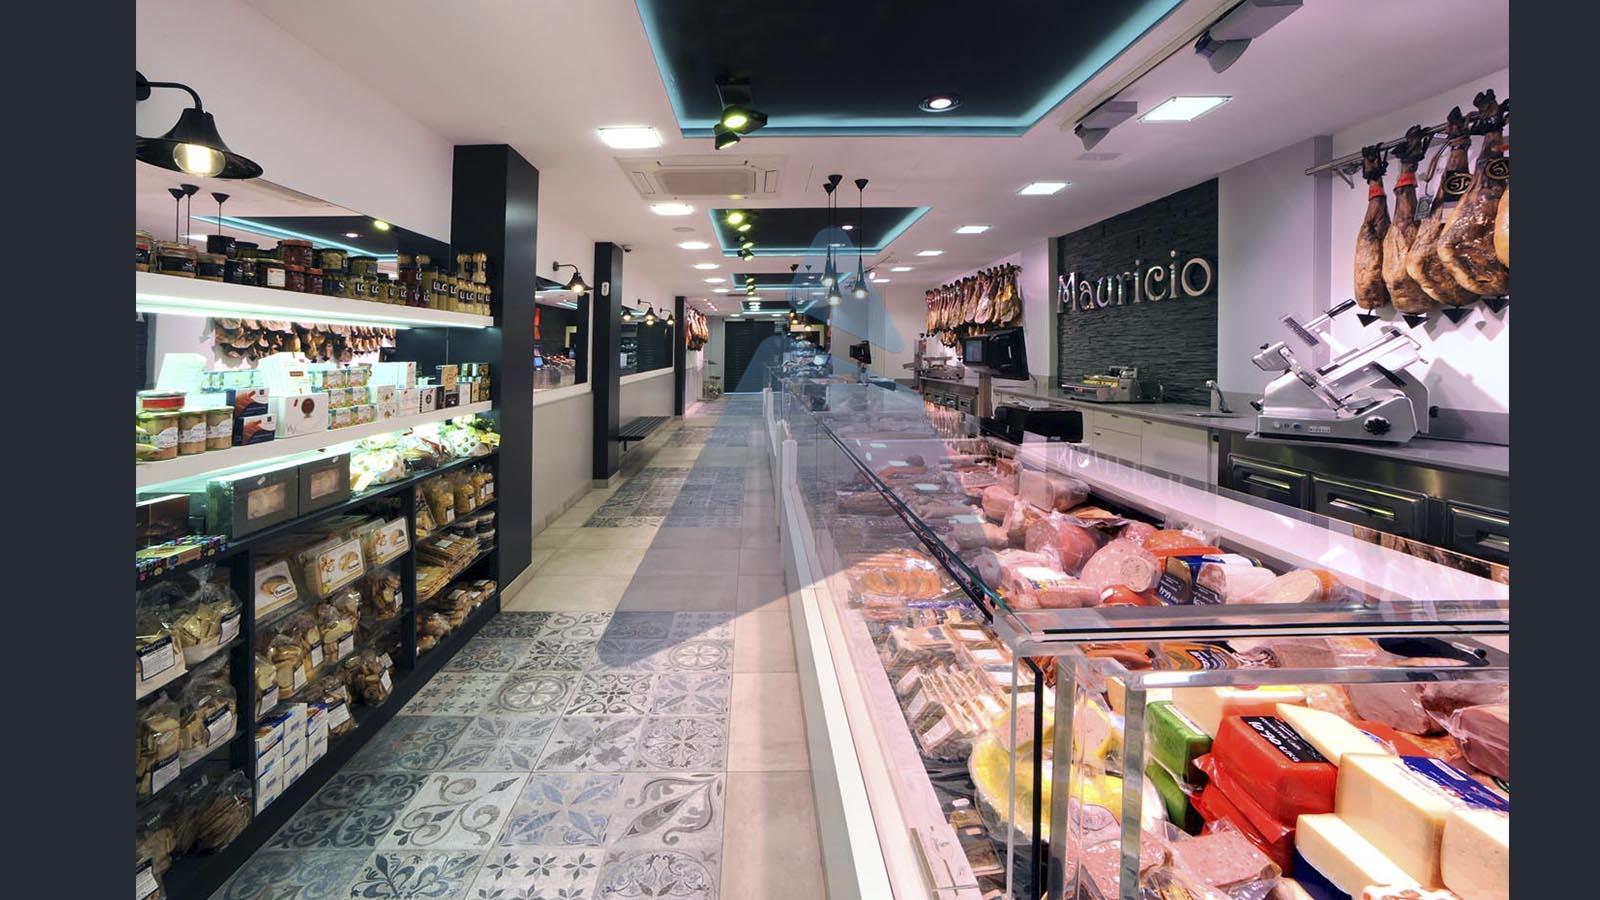 Carnicería Mauricio